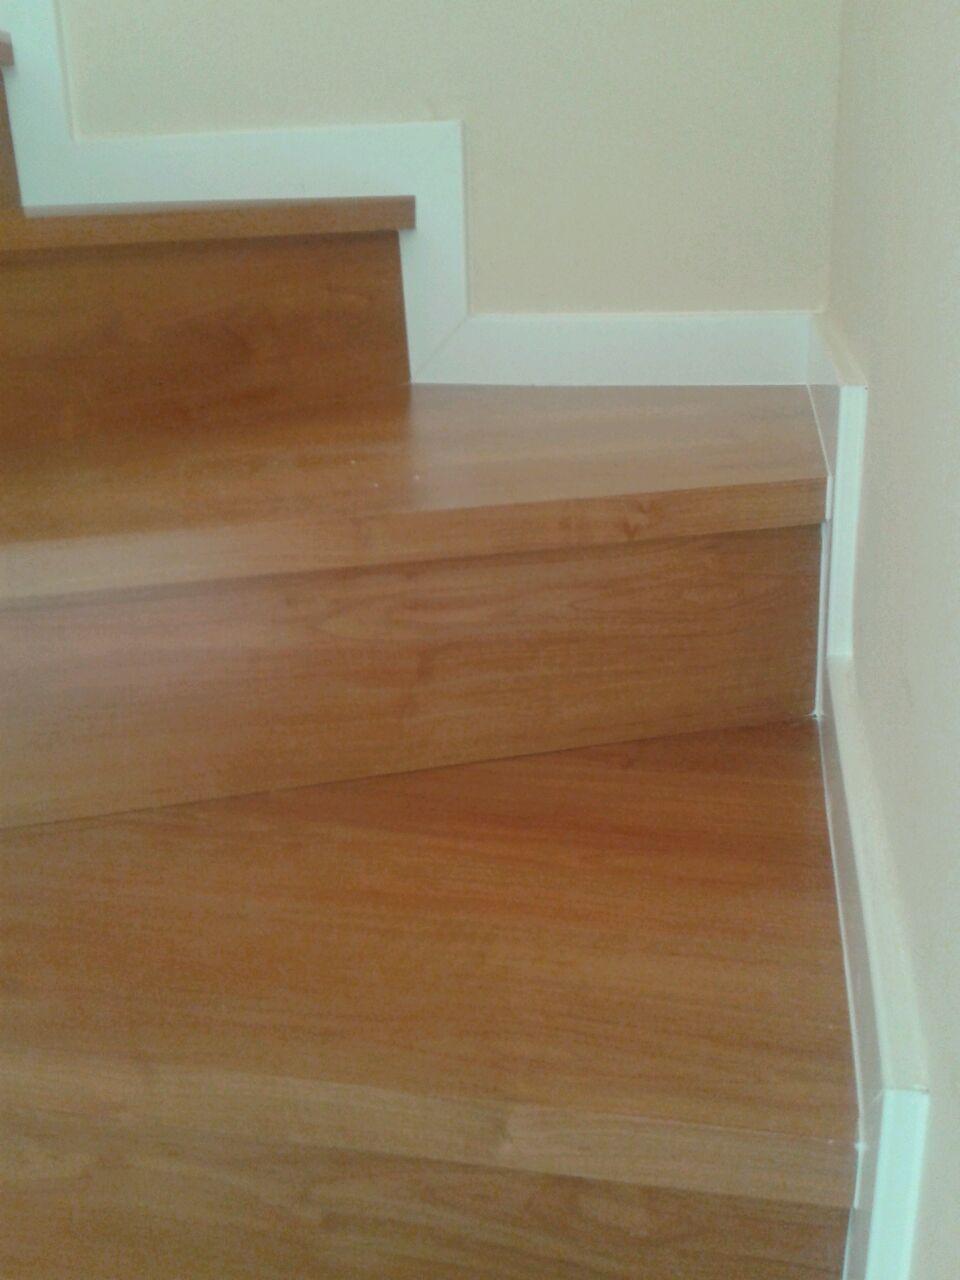 Escalones manufacturados previo a la instalación de la escalera de parquet